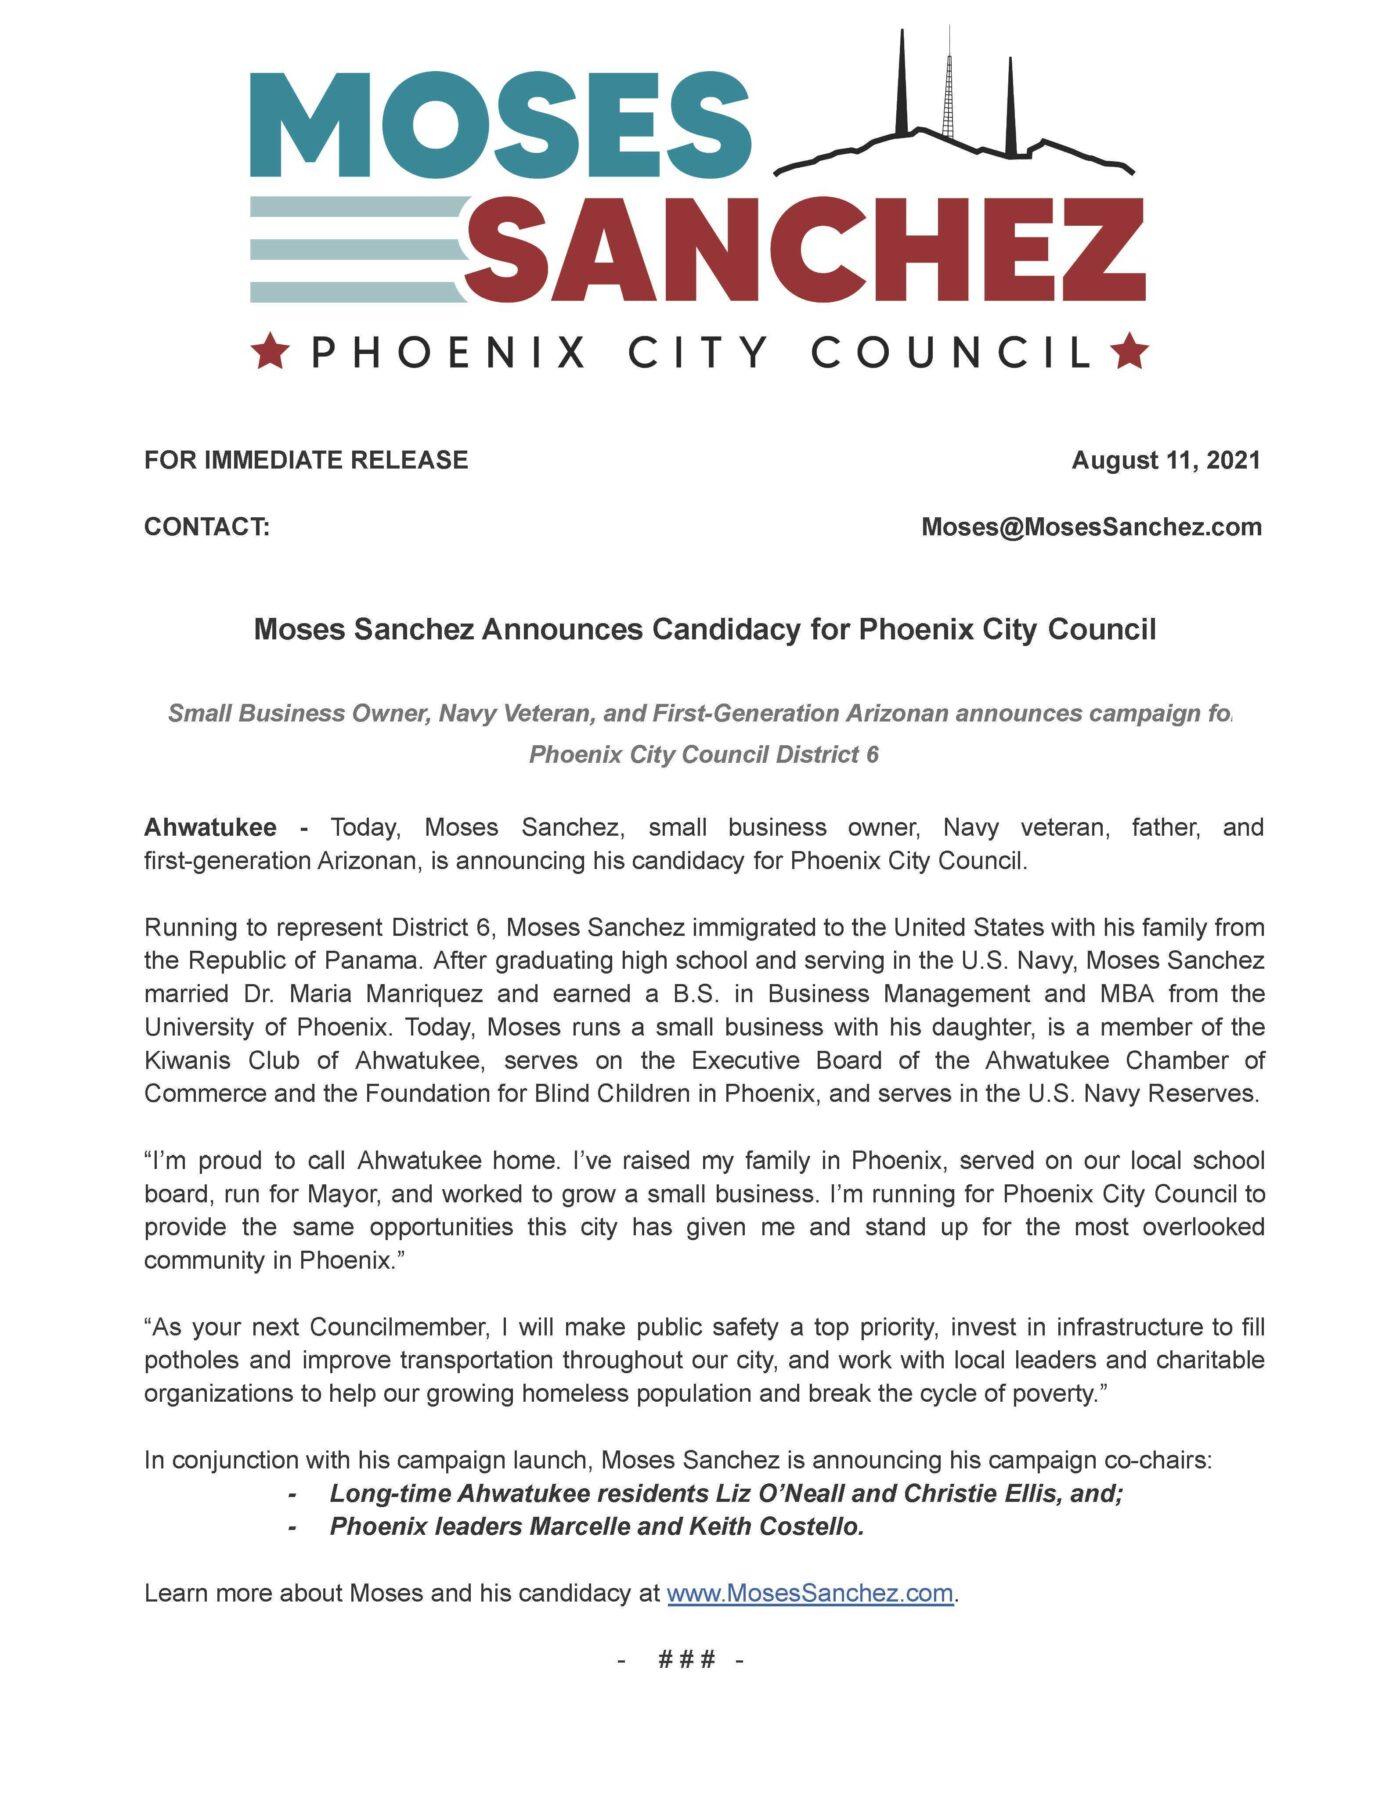 moses sanchez announces candidacy